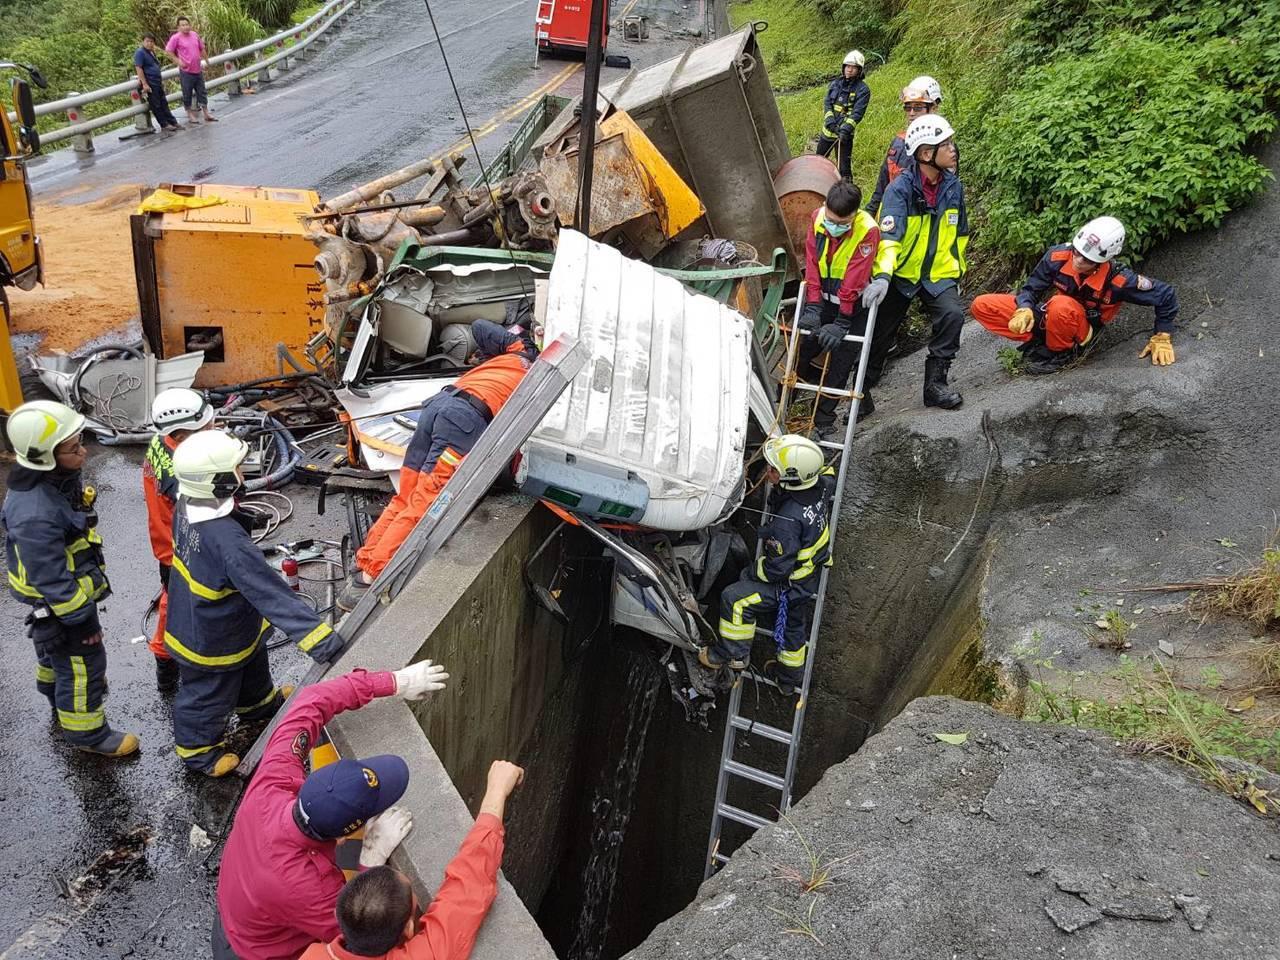 宜蘭縣消防局營救出張姓司機。 圖/宜蘭縣消防局提供